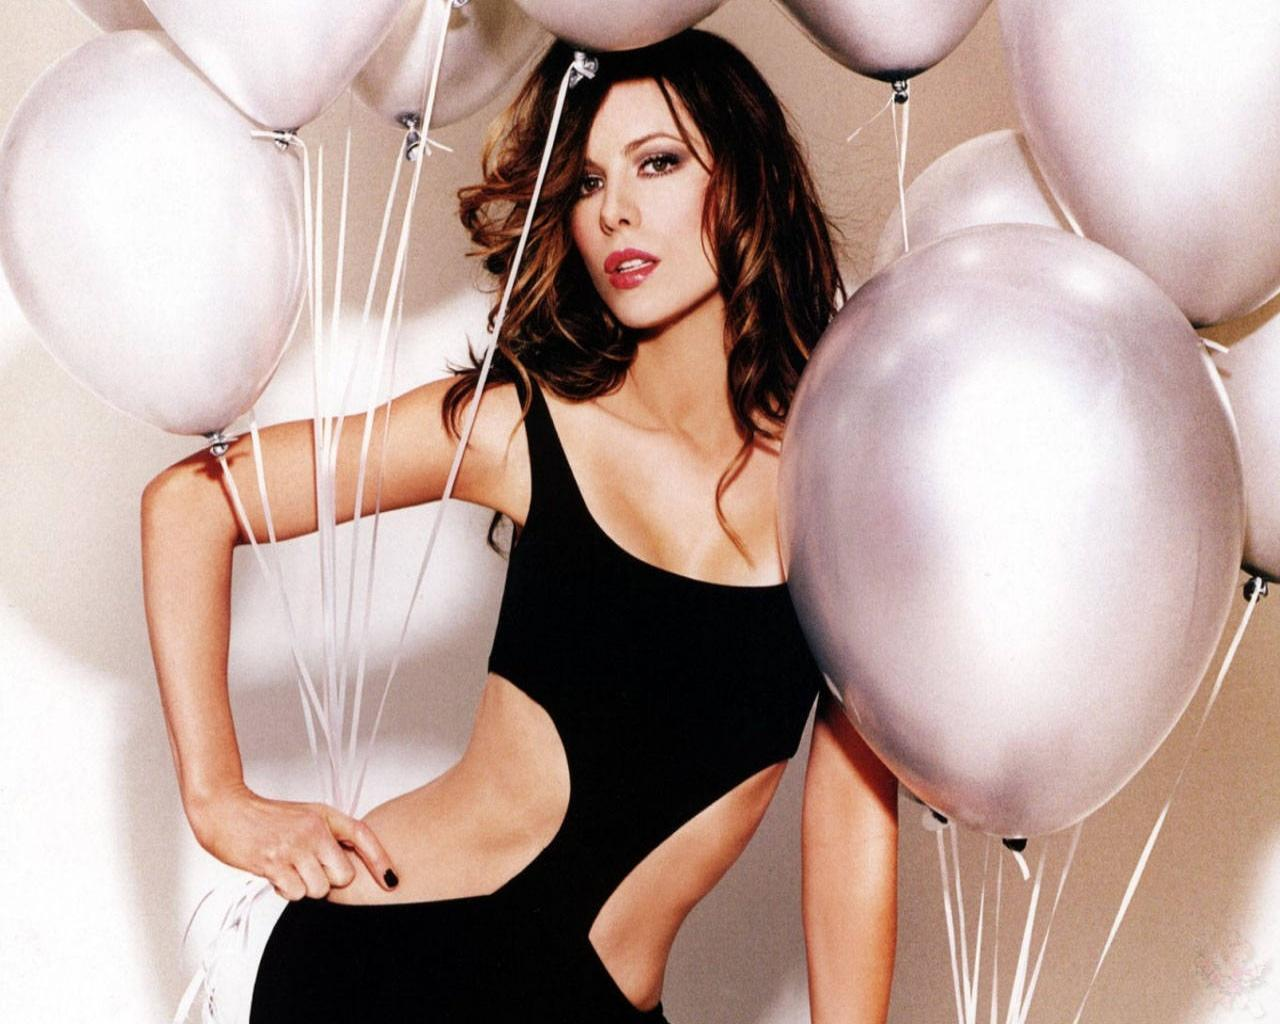 http://1.bp.blogspot.com/-TDzka4QmQzo/Tycw4-KhPqI/AAAAAAAAIdQ/uNoKBjv6Y7E/s1600/actress_kat_beckinsale_hot_wallpaper_06.jpg